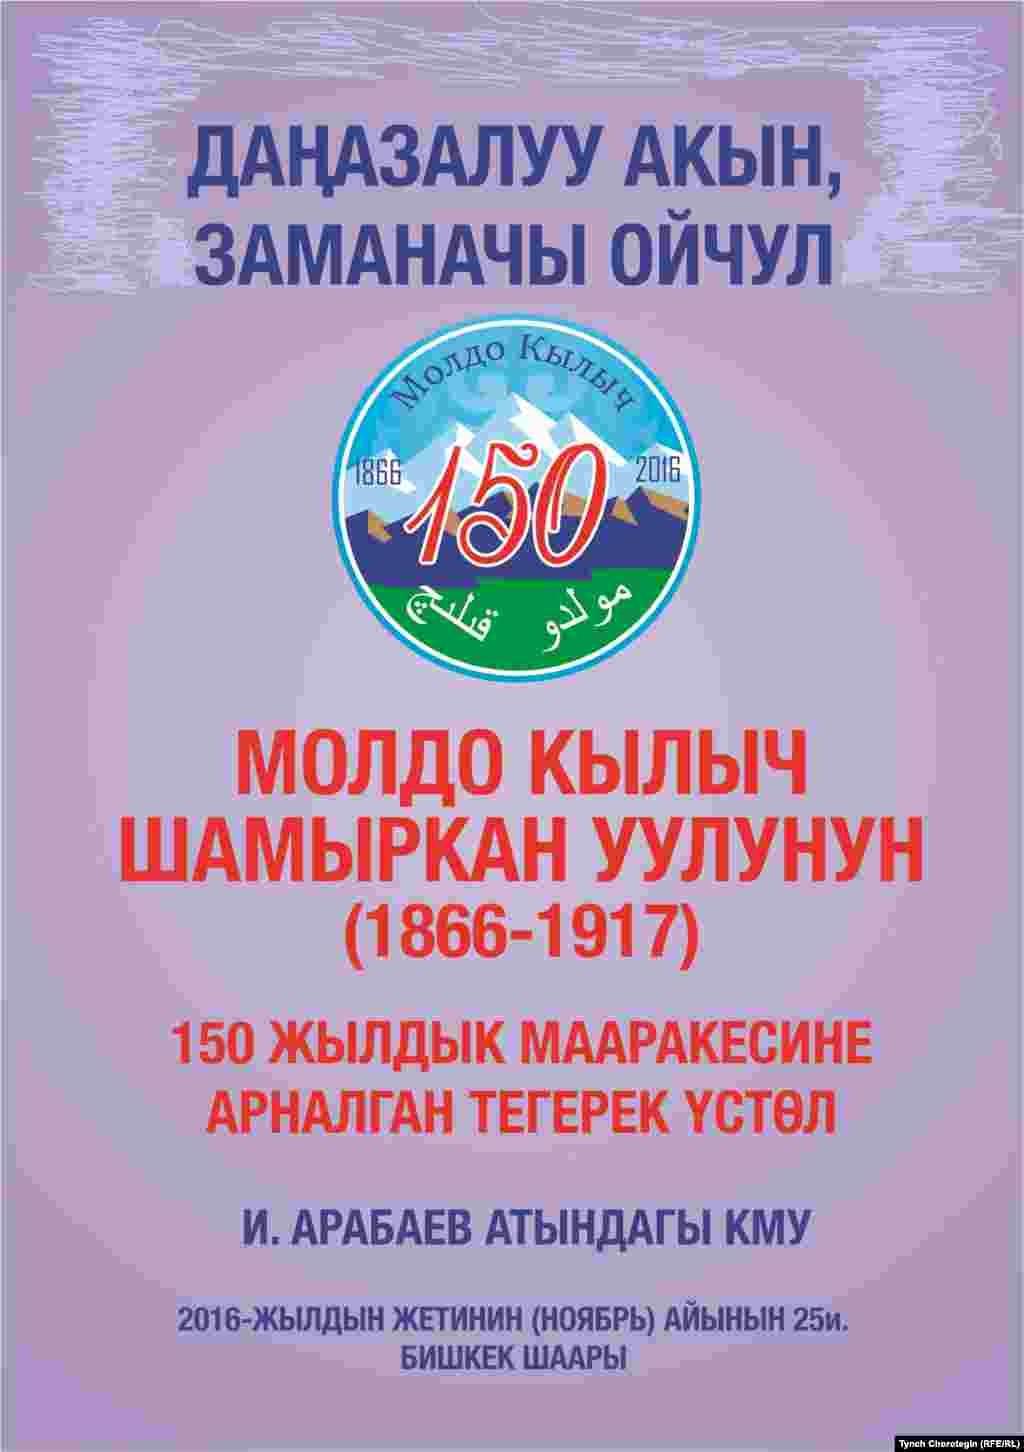 Молдо Кылычтын 150 жылдыгына арналган тегерек үстөл. 25.11.16. Көрнөк.